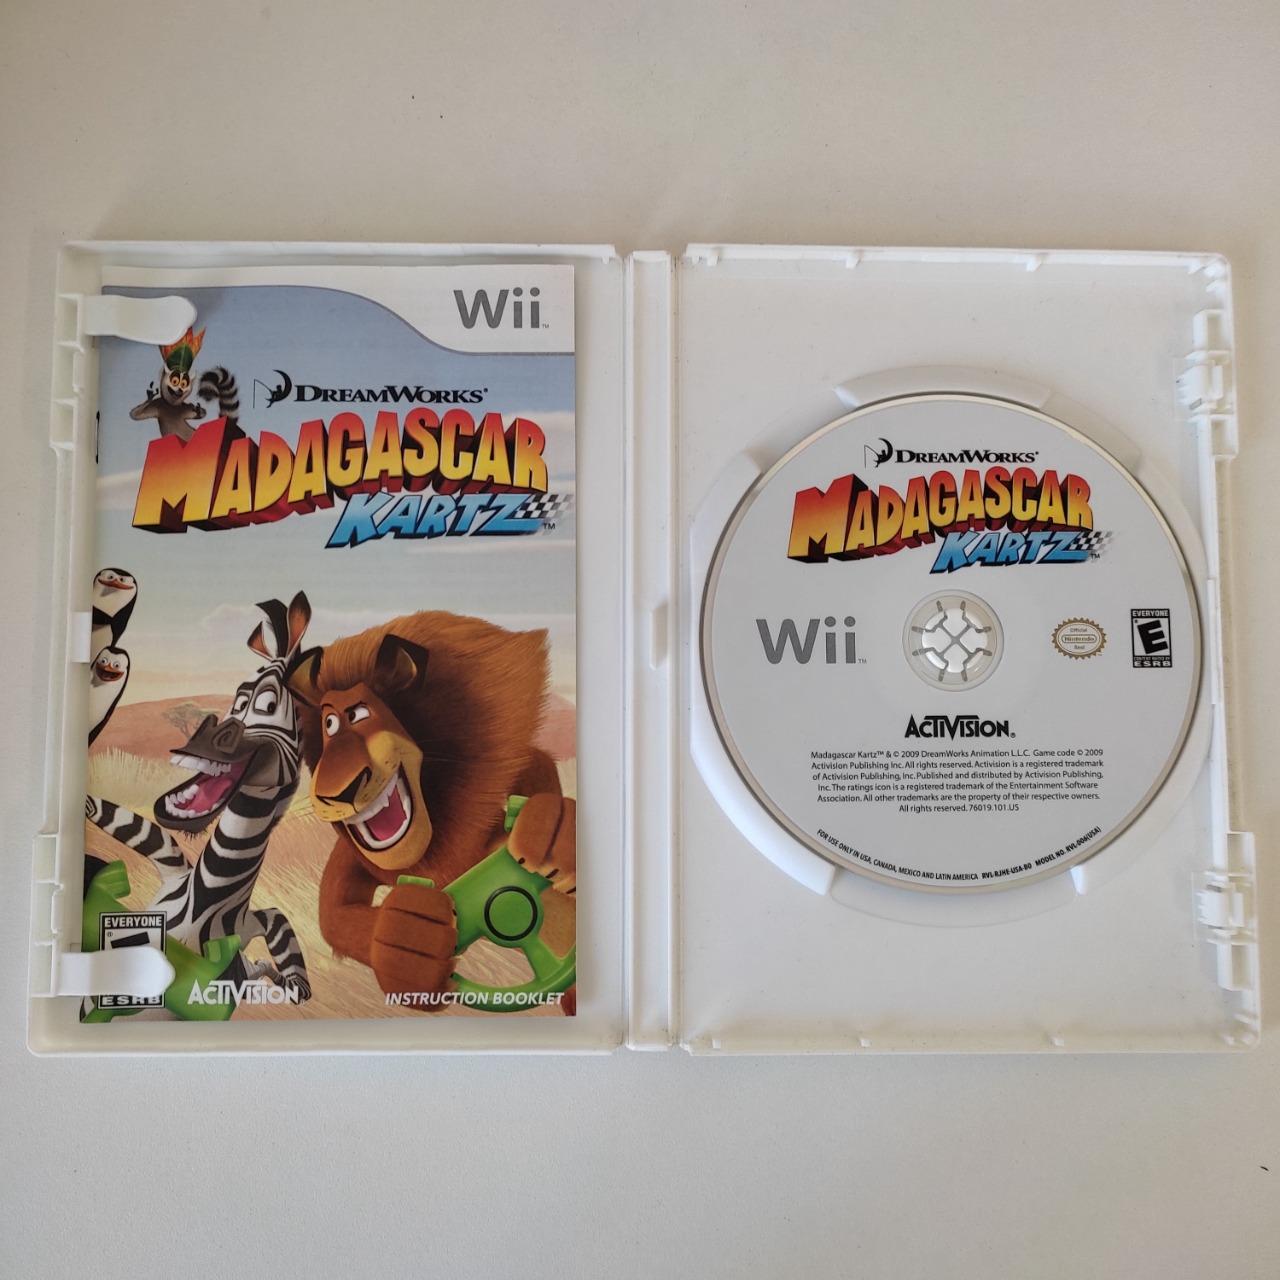 Madagascar KARTZ - Nintendo Wii - Usado